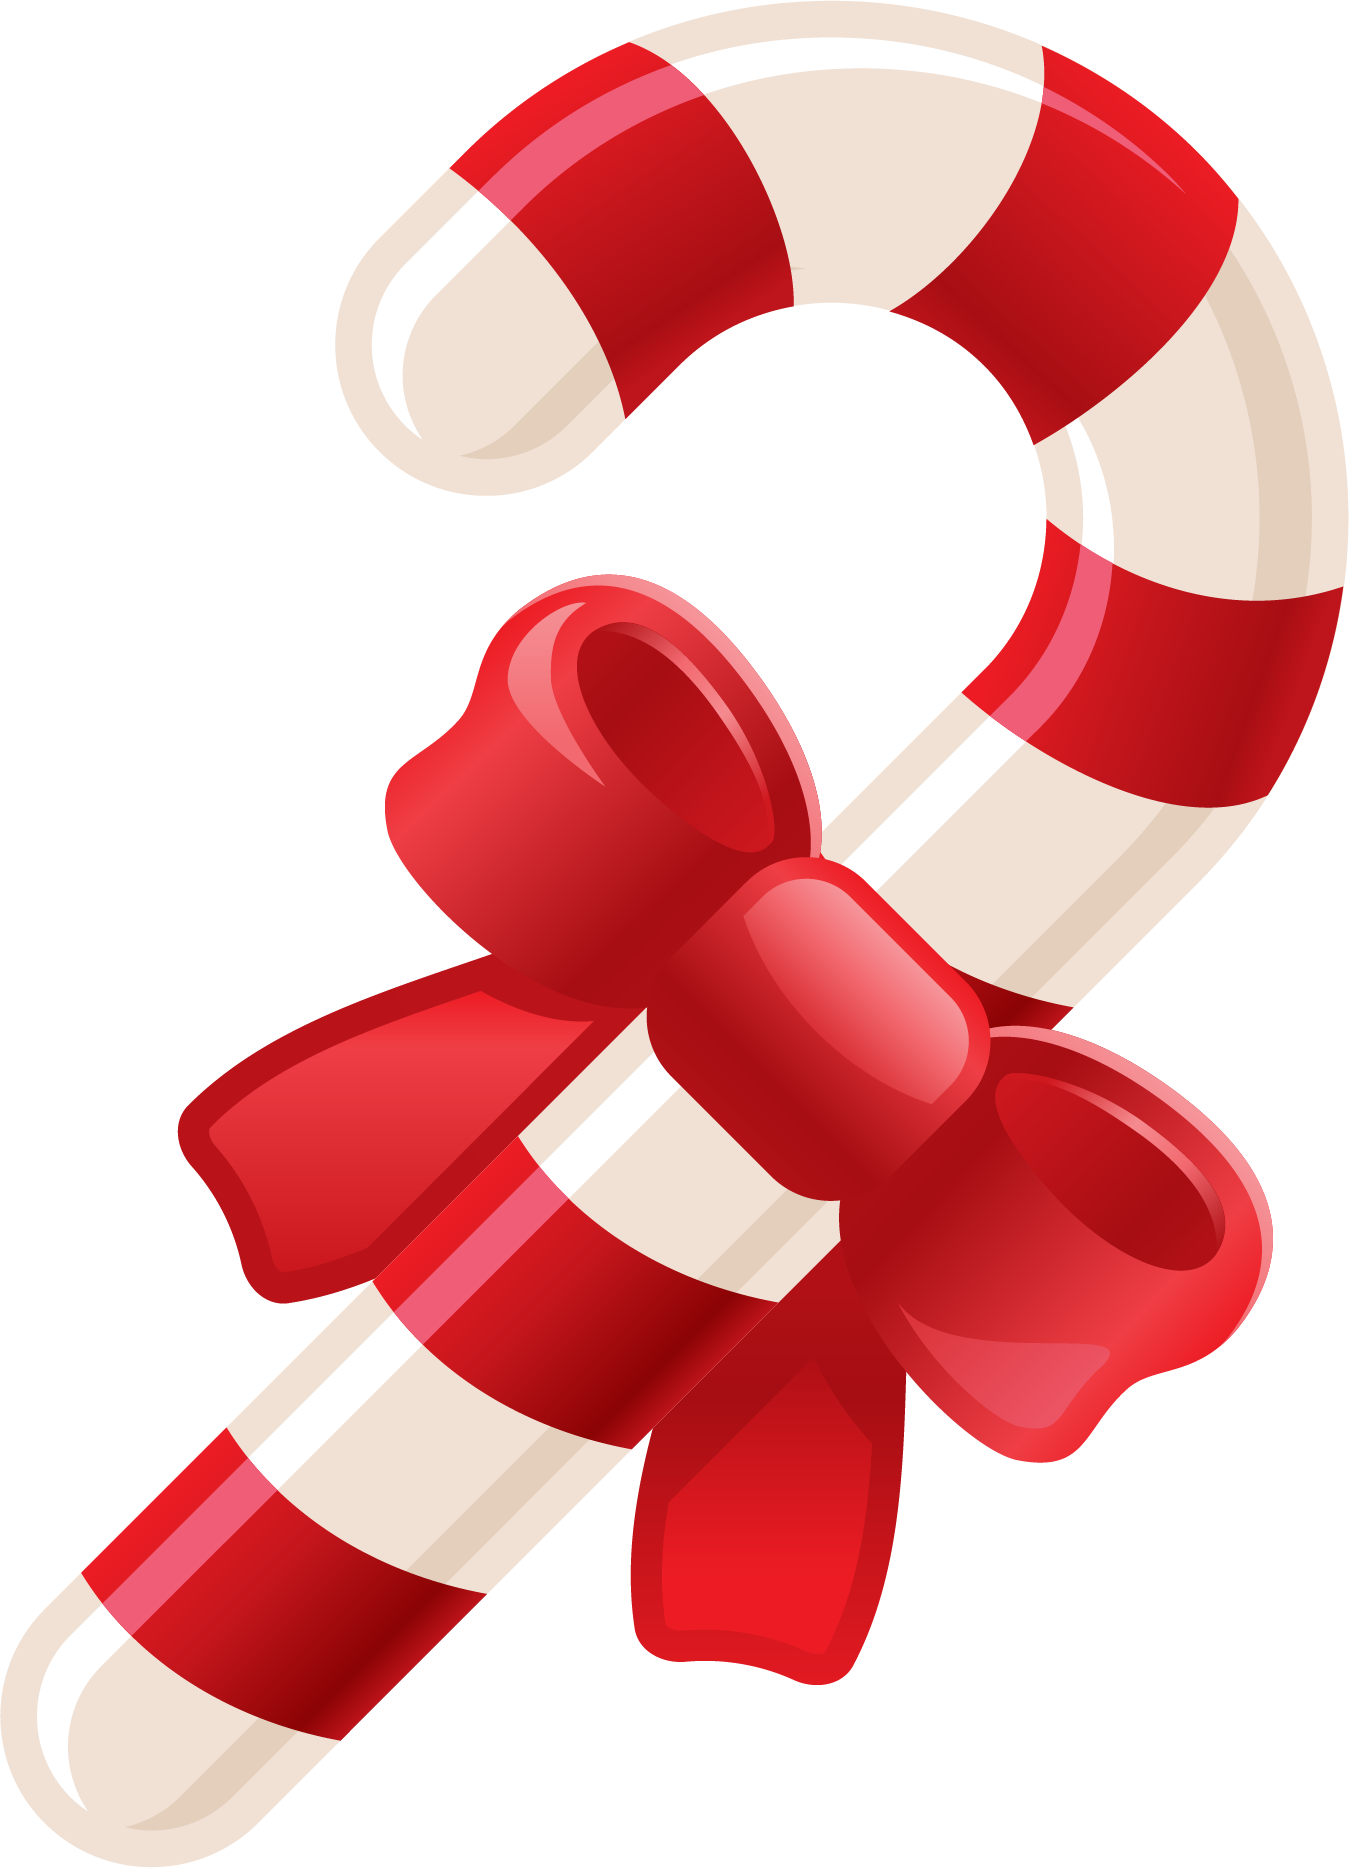 Happy Holidays Clip Art Happy Holidays C-Happy Holidays Clip Art Happy Holidays Clip Art Happy Holidays Clip-17